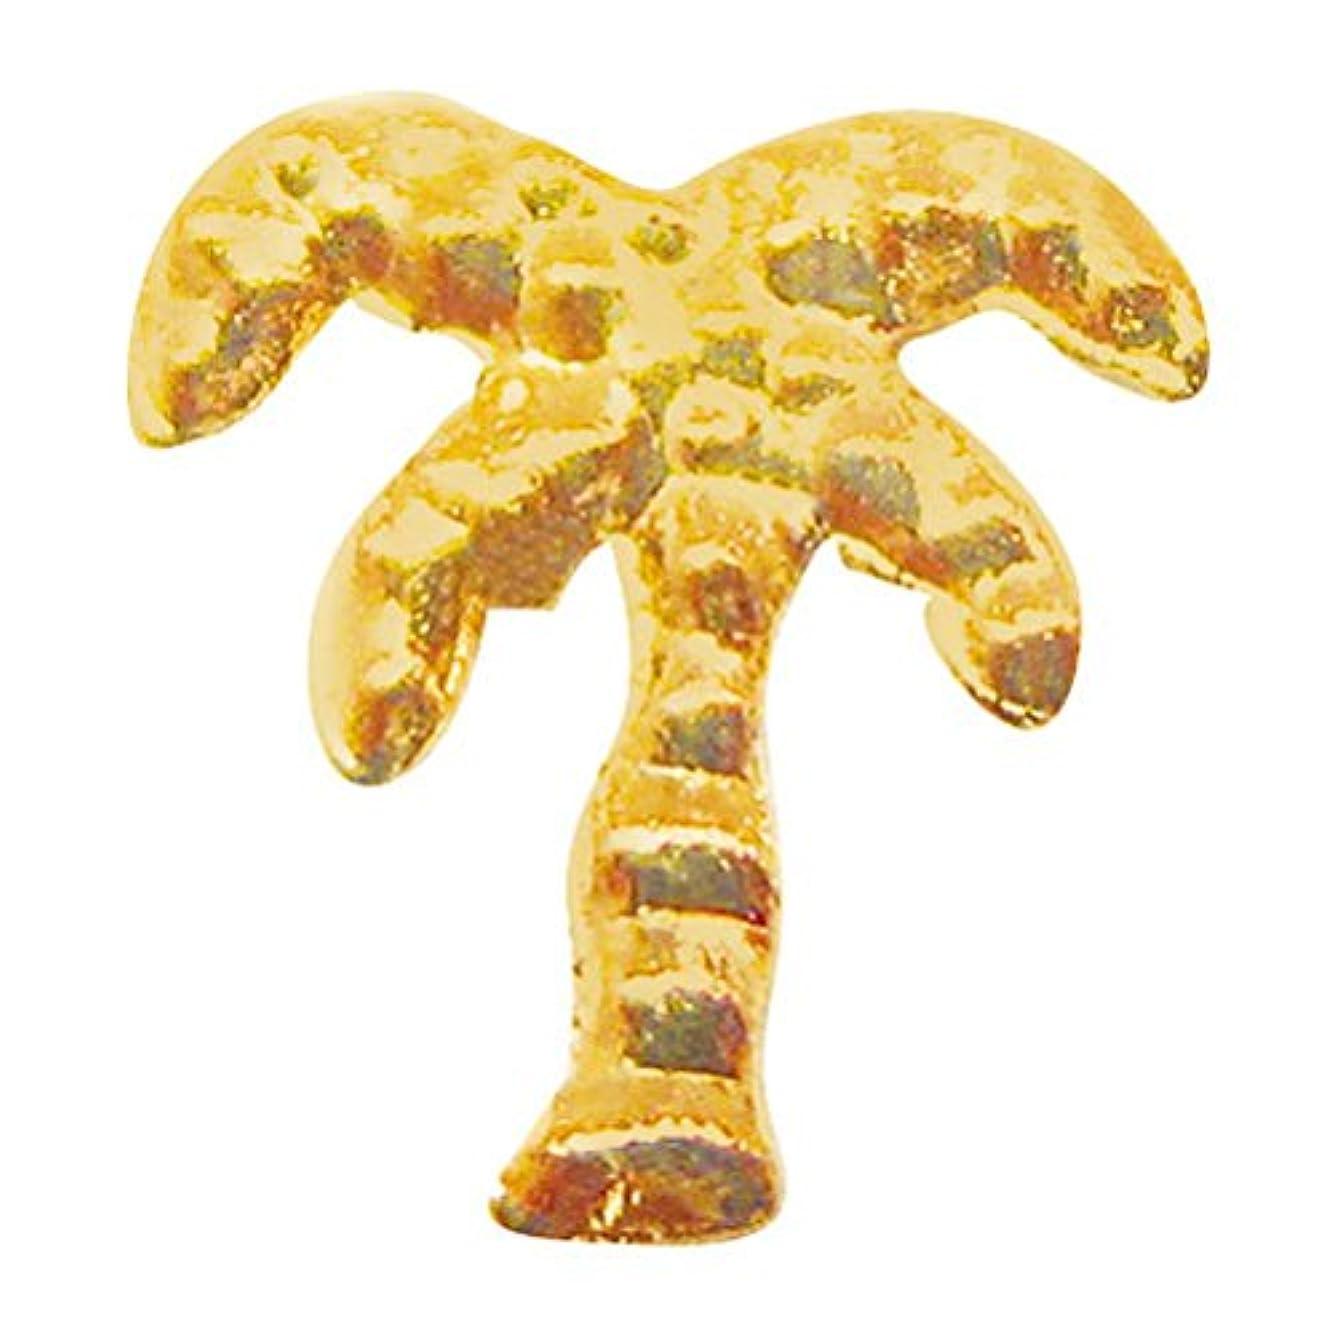 変更可能爆風ソフトウェアサンシャインベビー ジェルネイル ヤシの木(ゴールド) 10P